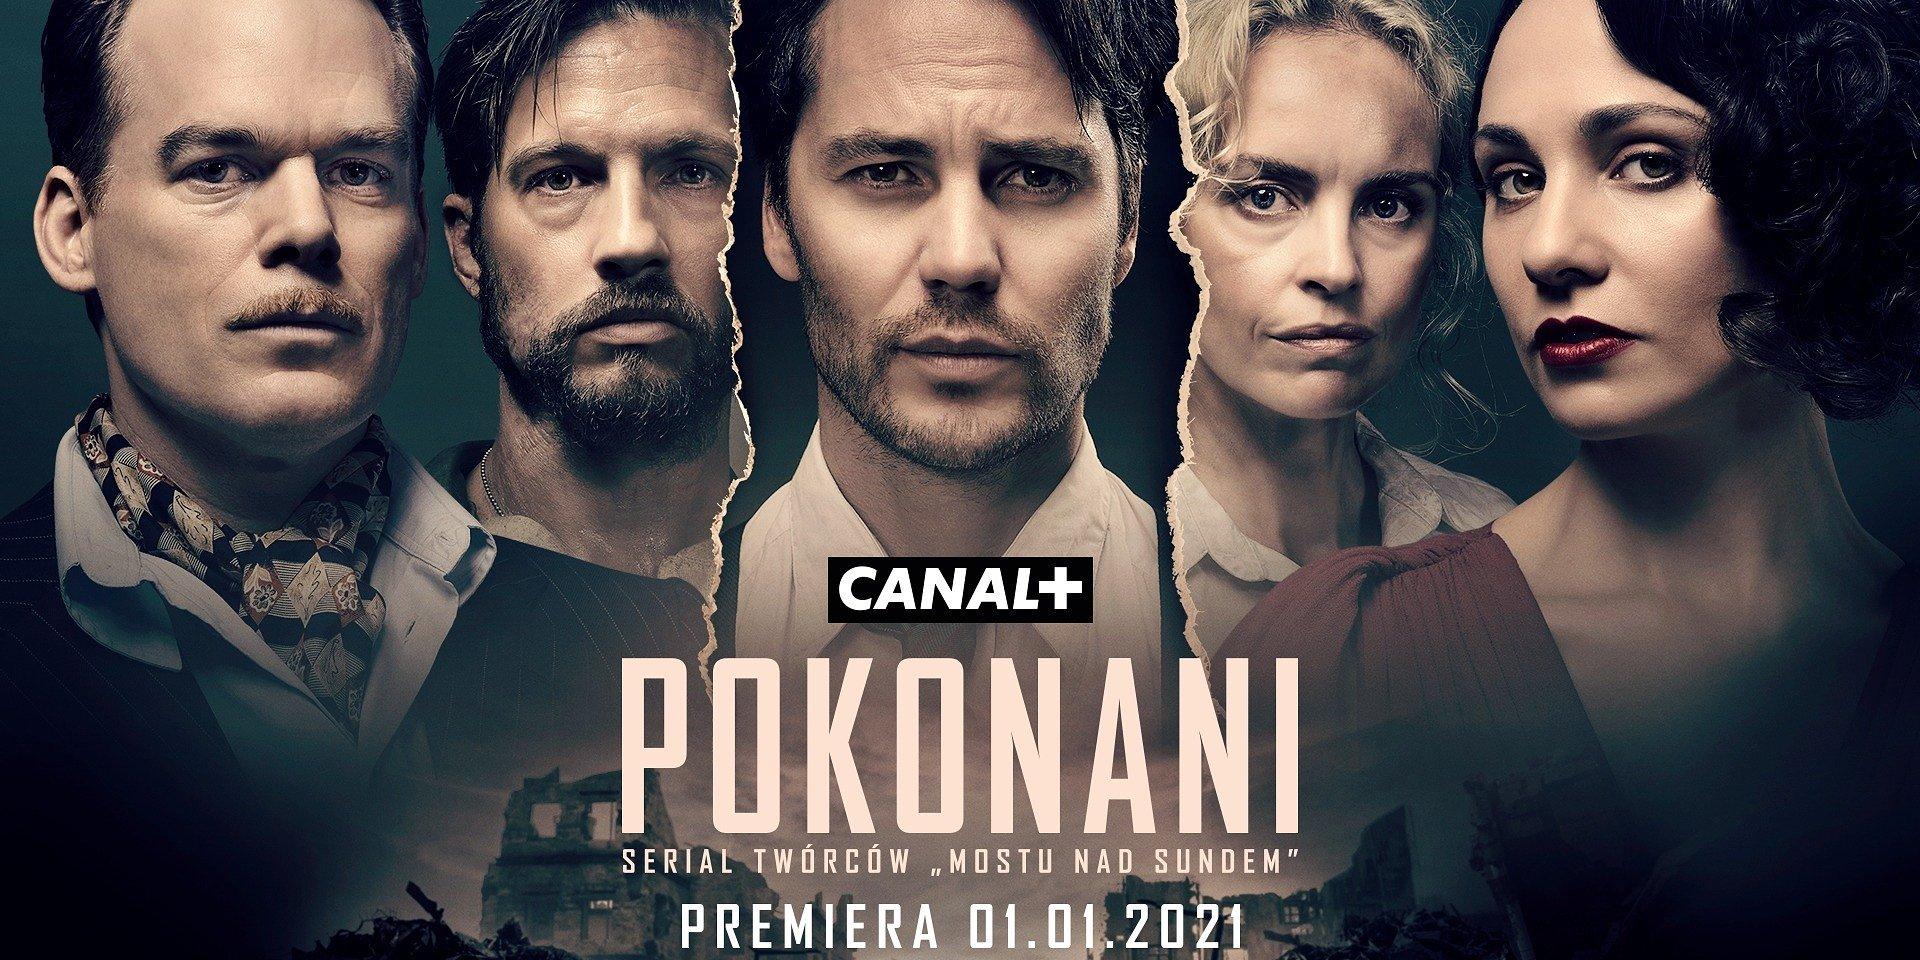 """CANAL+ przedstawia oficjalny trailer nowego serialu """"Pokonani"""". Premiera w piątek 1 stycznia 2021 roku!"""